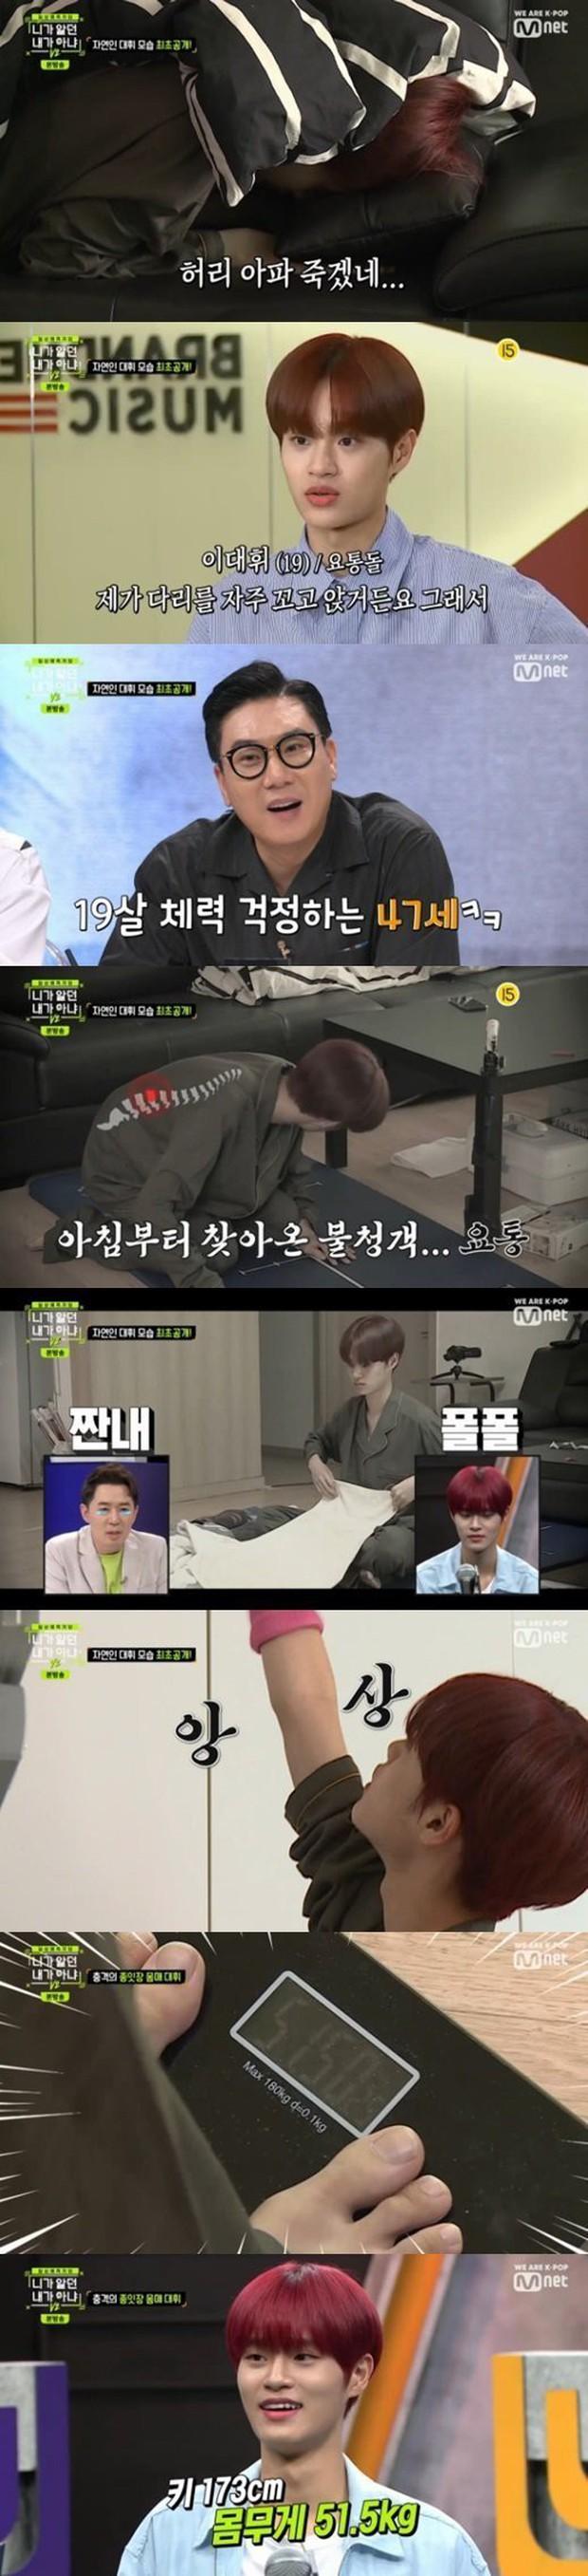 Tiết lộ lý do không thể tăng cân, cựu thành viên Wanna One bất ngờ bị cư dân mạng ném đá tơi tả - Ảnh 1.